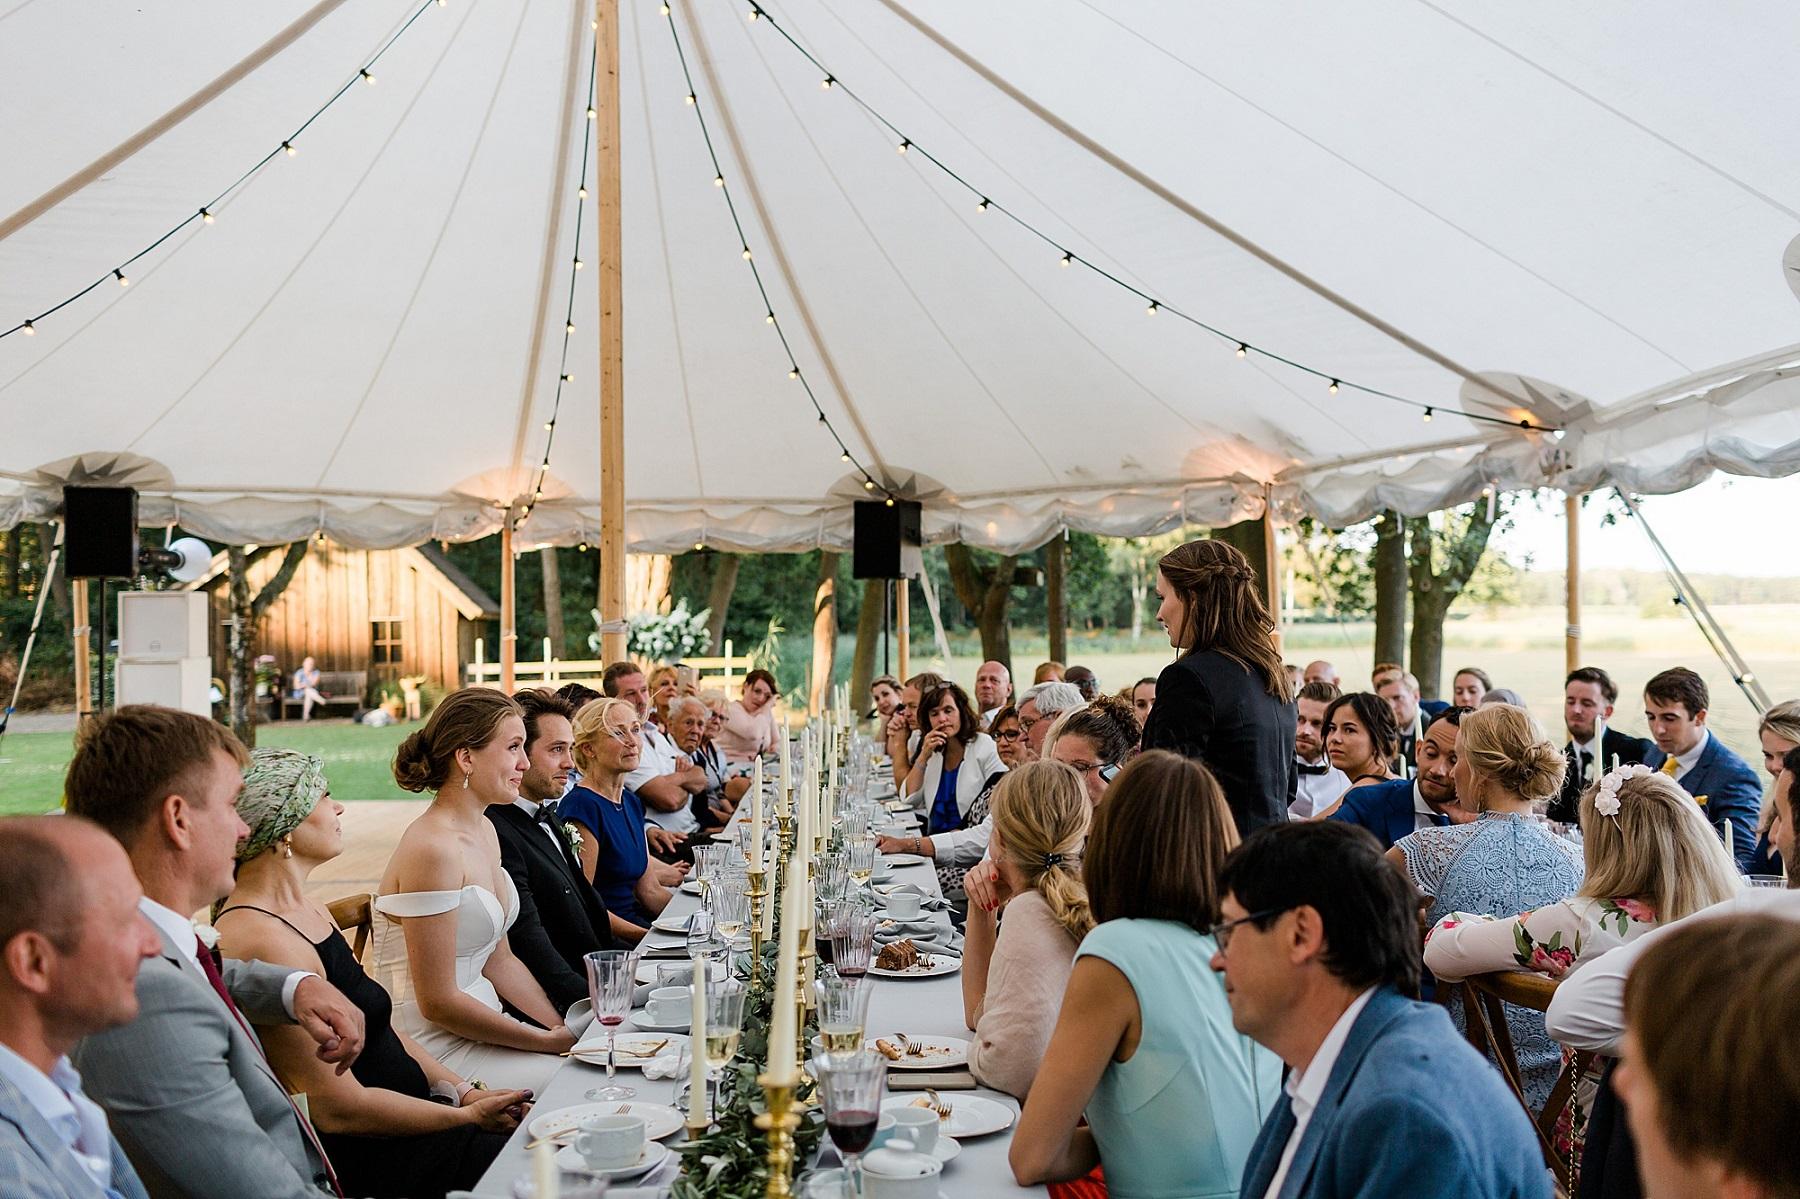 Bruiloft tent in eigen tuin